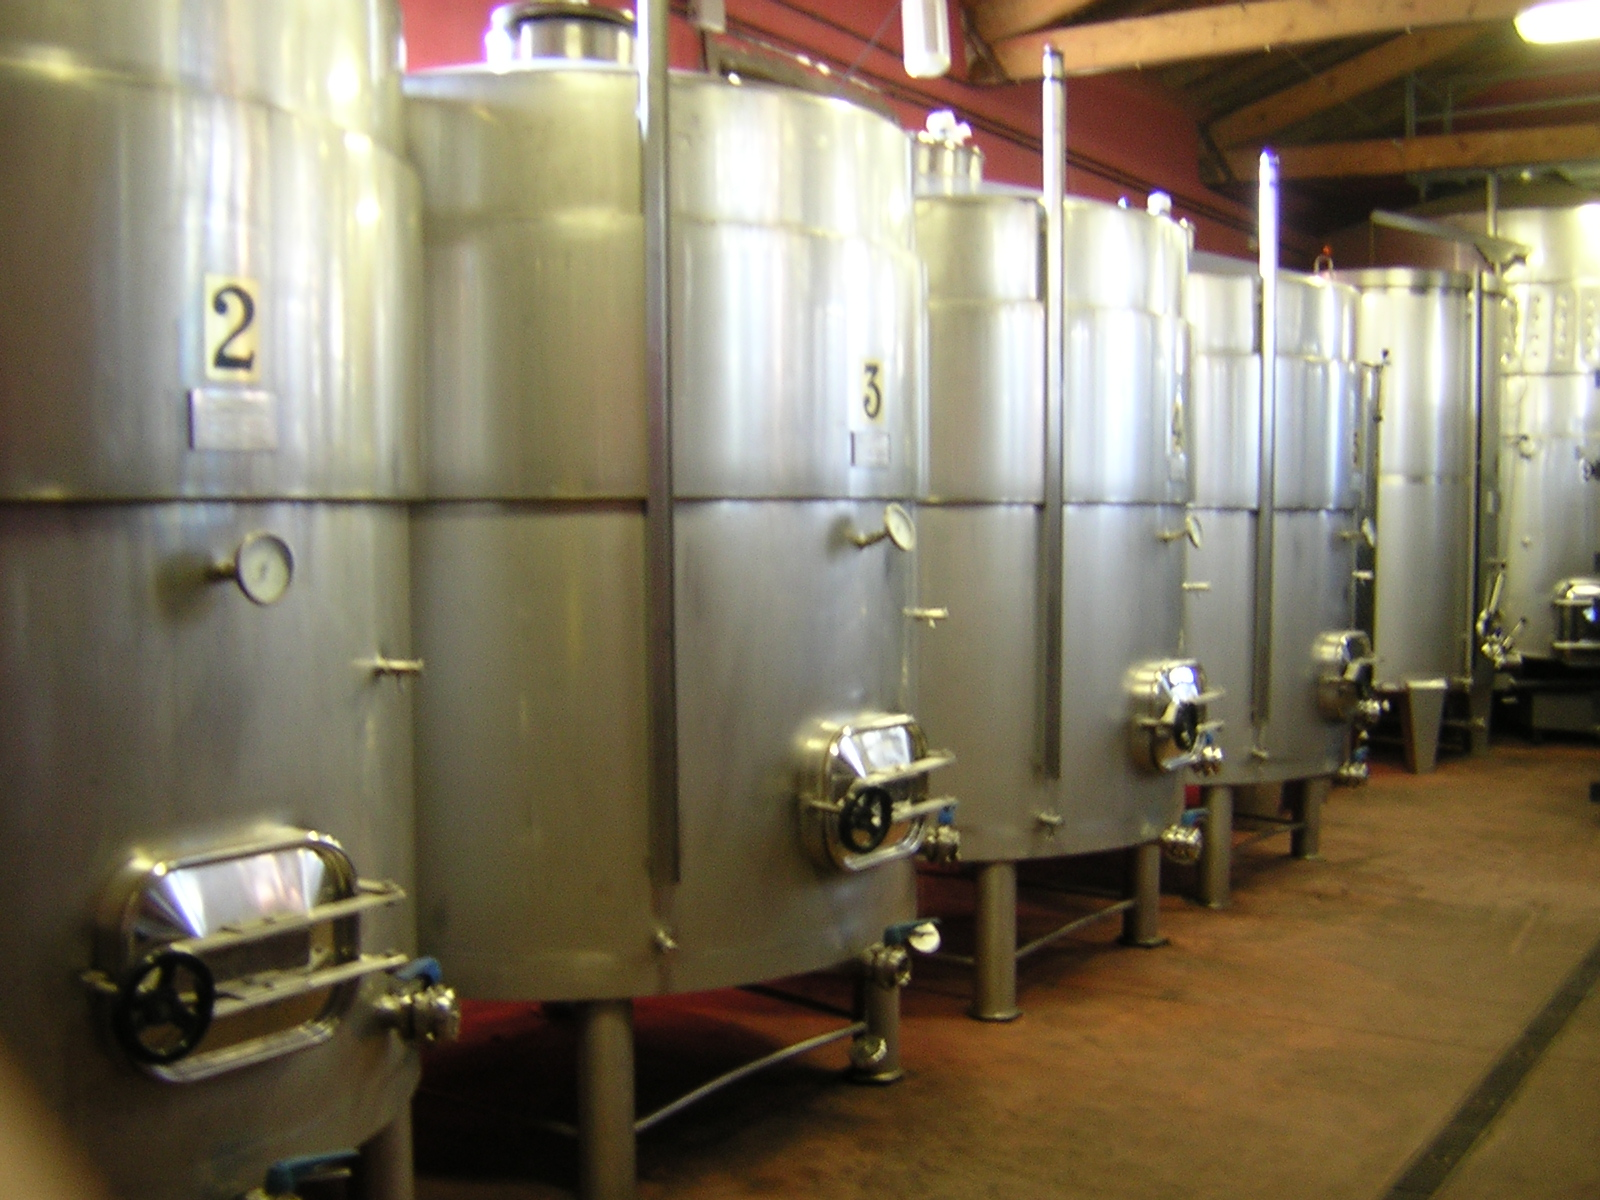 Sociedad vitivinícola Ladrero - Bodega Señorío de Valdesneros - D.O ARLANZA